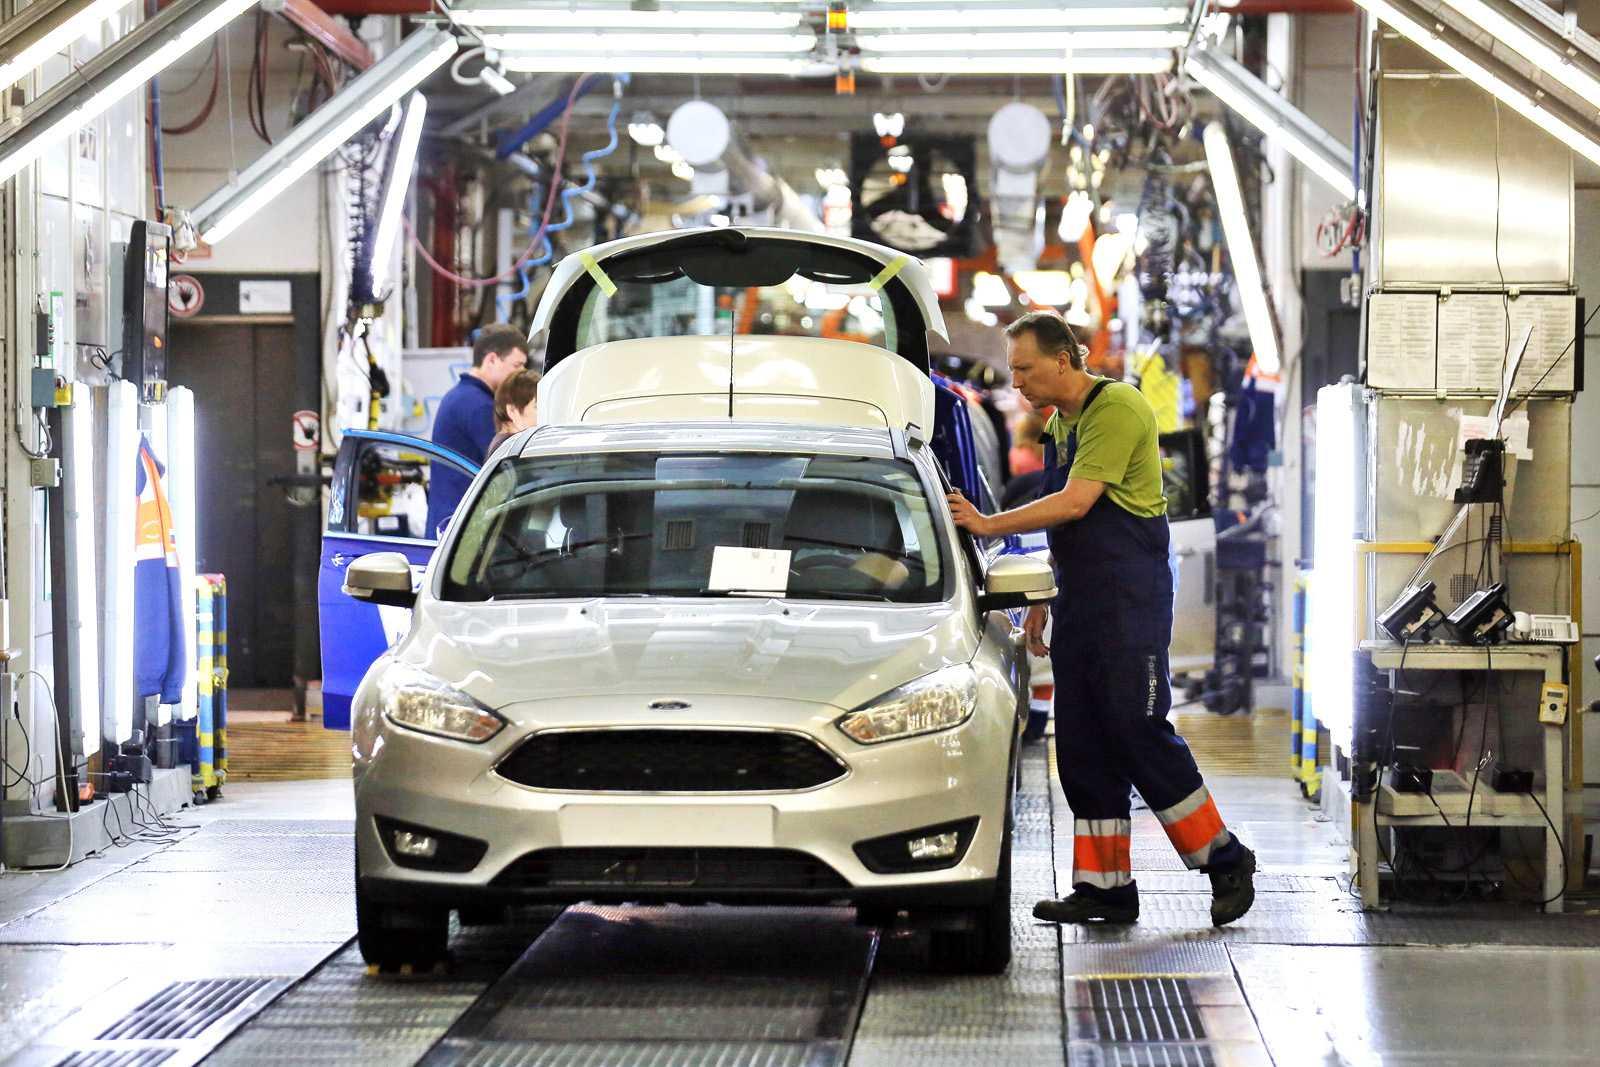 Новый ford mondeo 5 2014-2015 - фото, цена, технические характеристики, видео-обзоры, отзывы владельцев